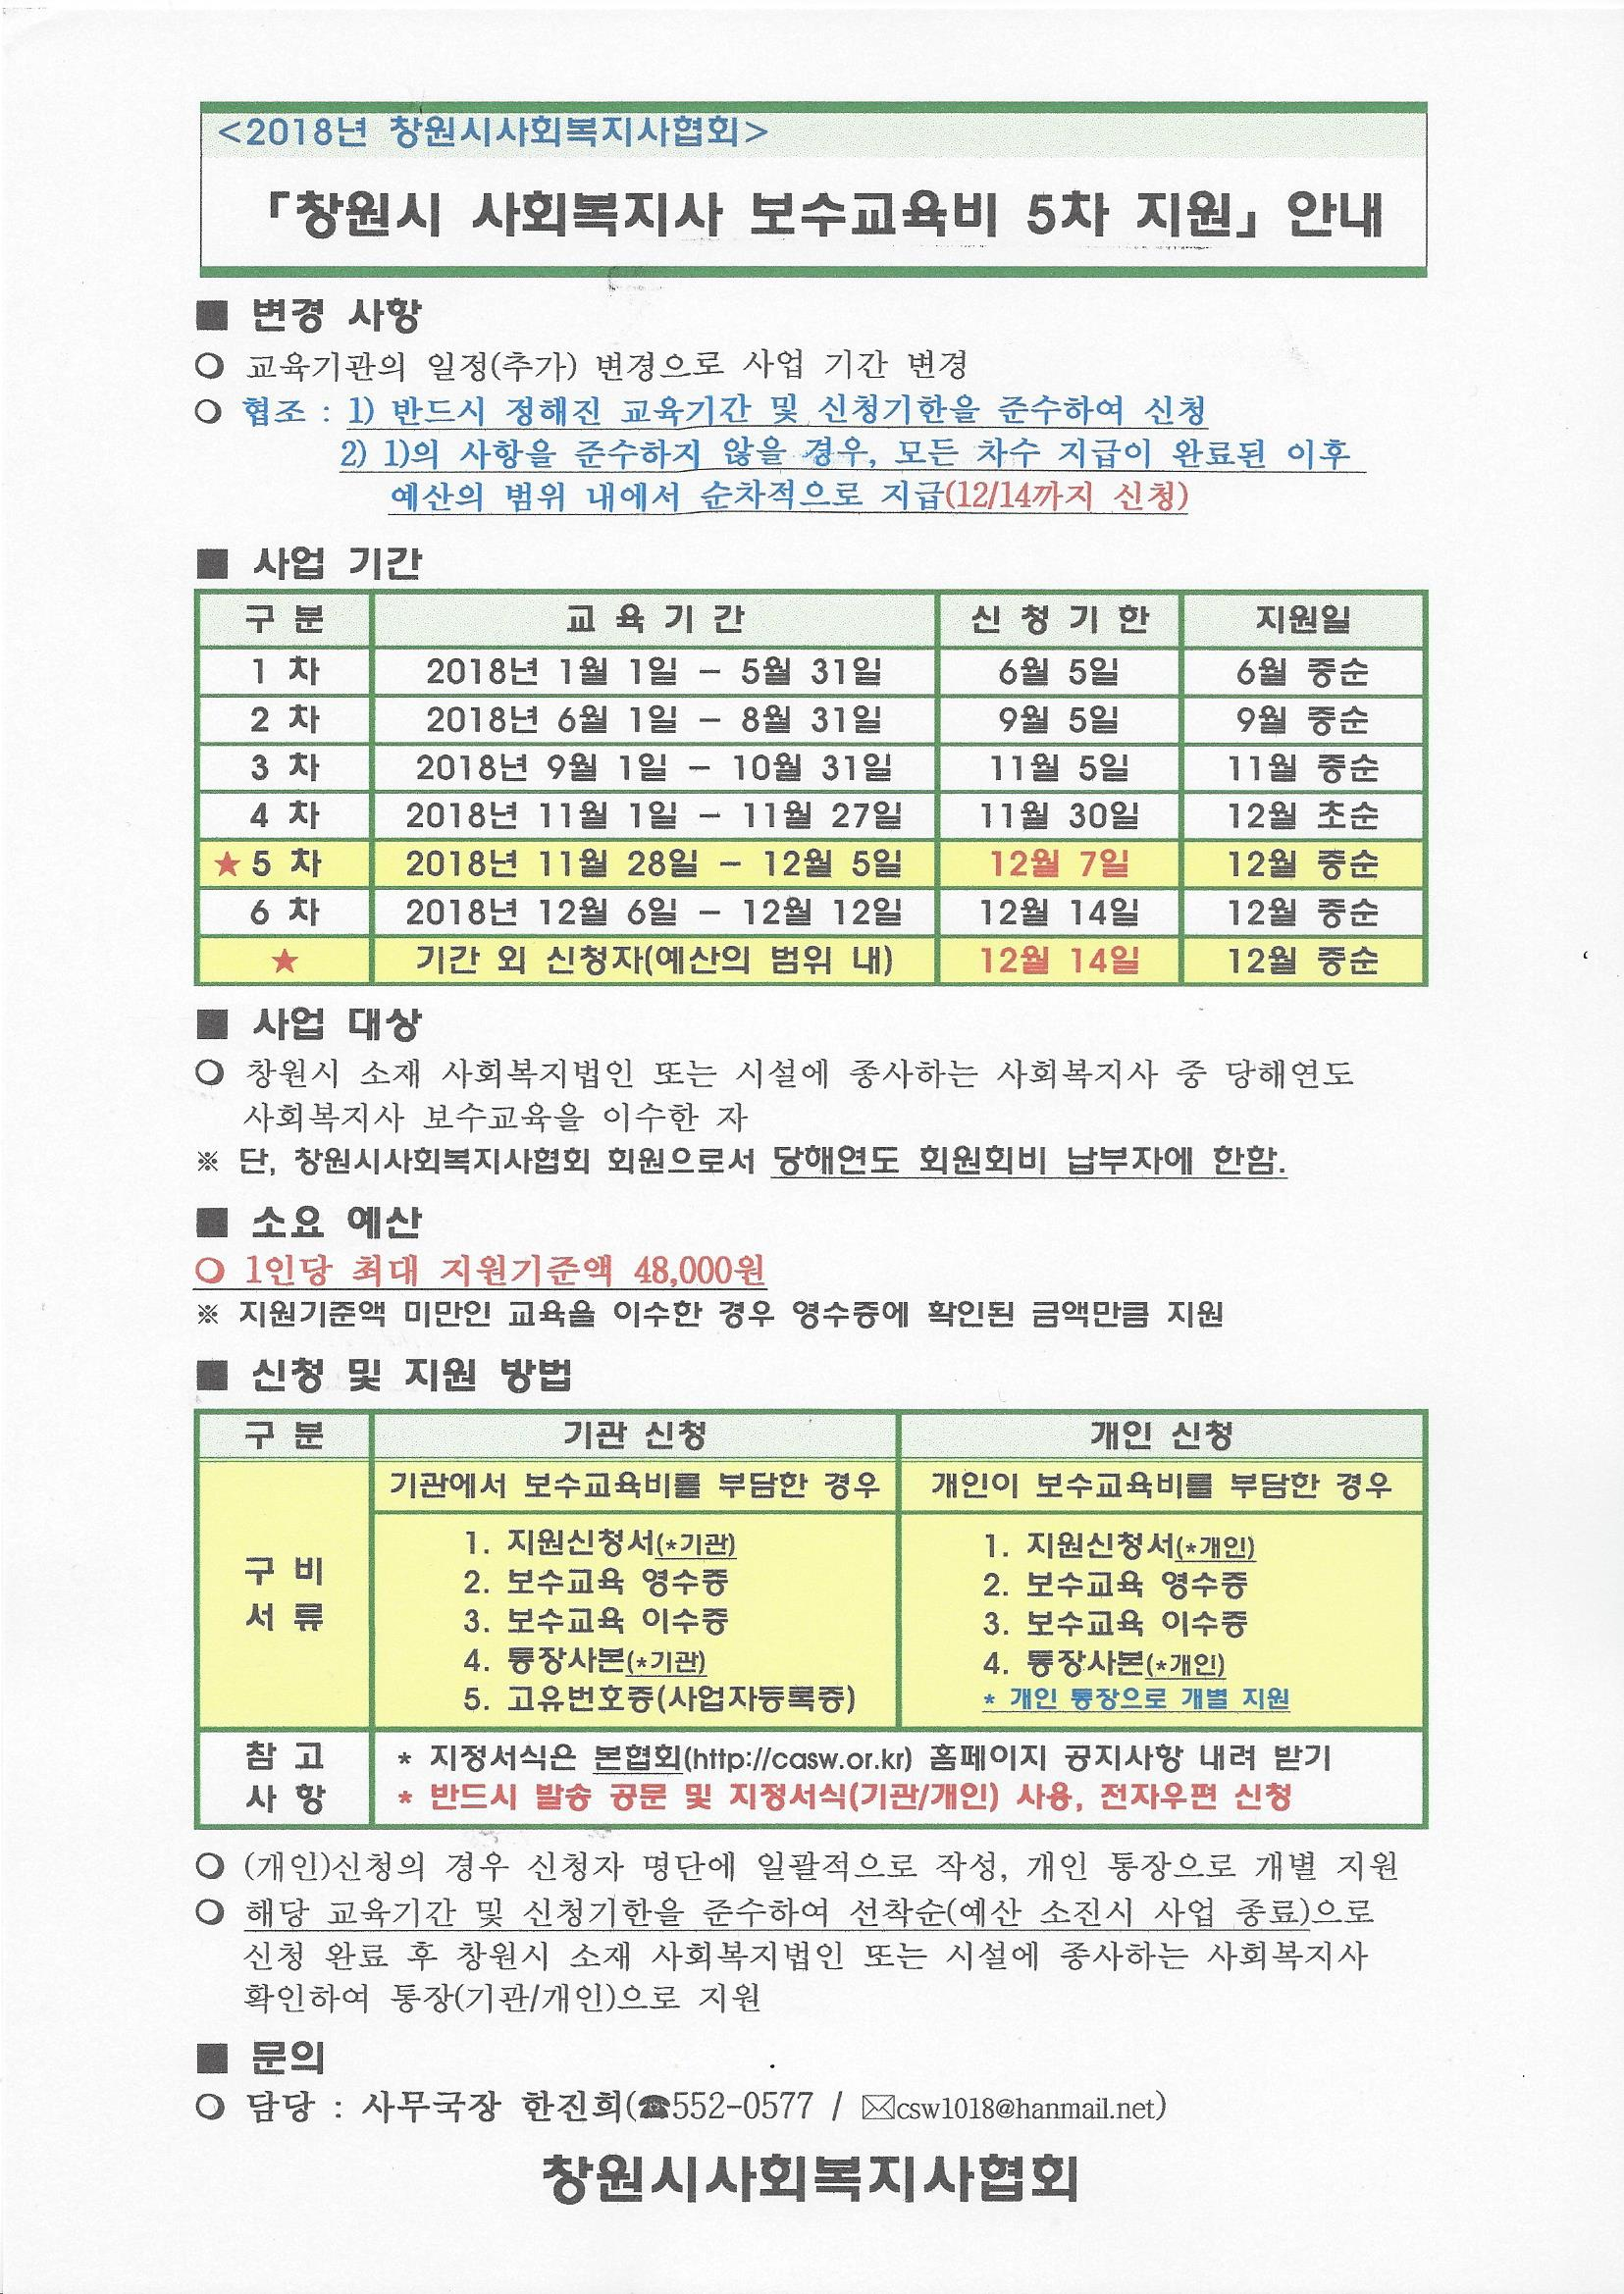 보수교육비 지원 5차 - 안내문.jpg